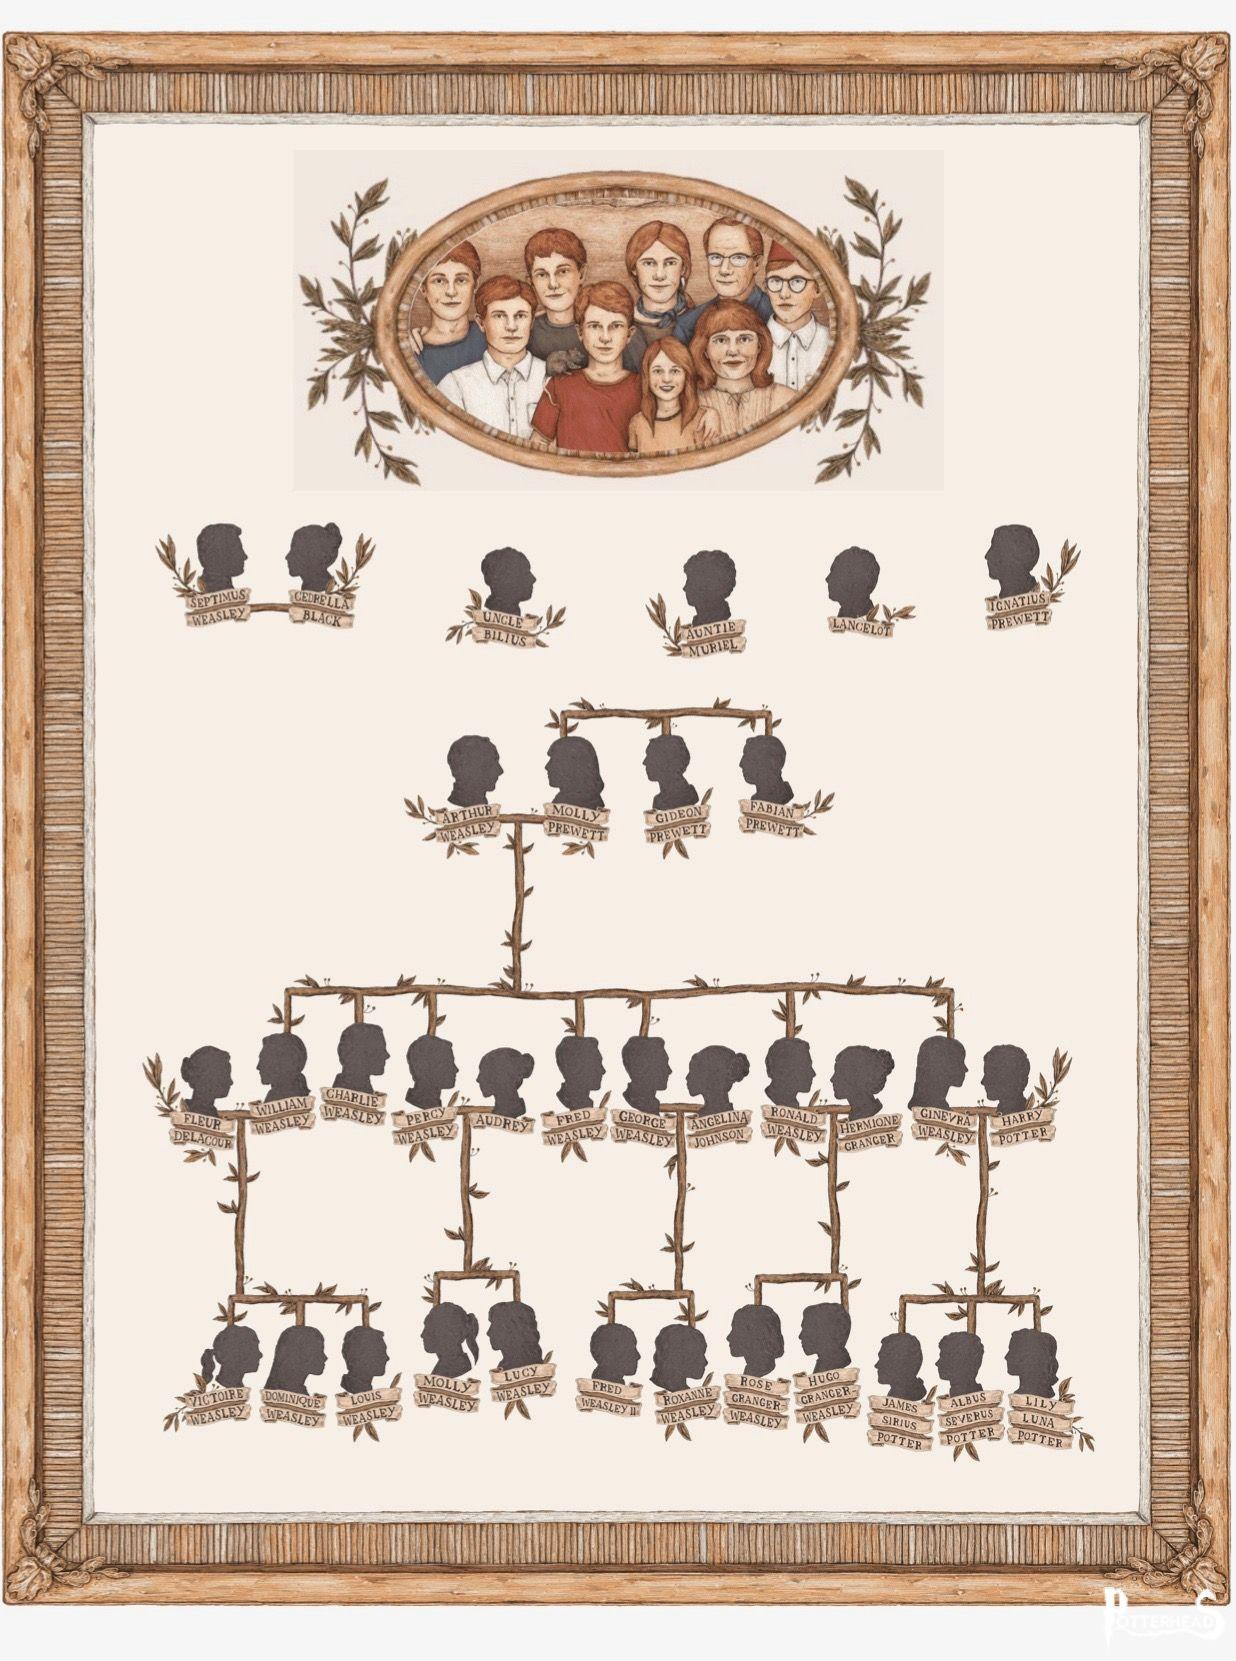 L' Albero Genealogico della famiglia Weasley Harry Potter - PotterPedia.it